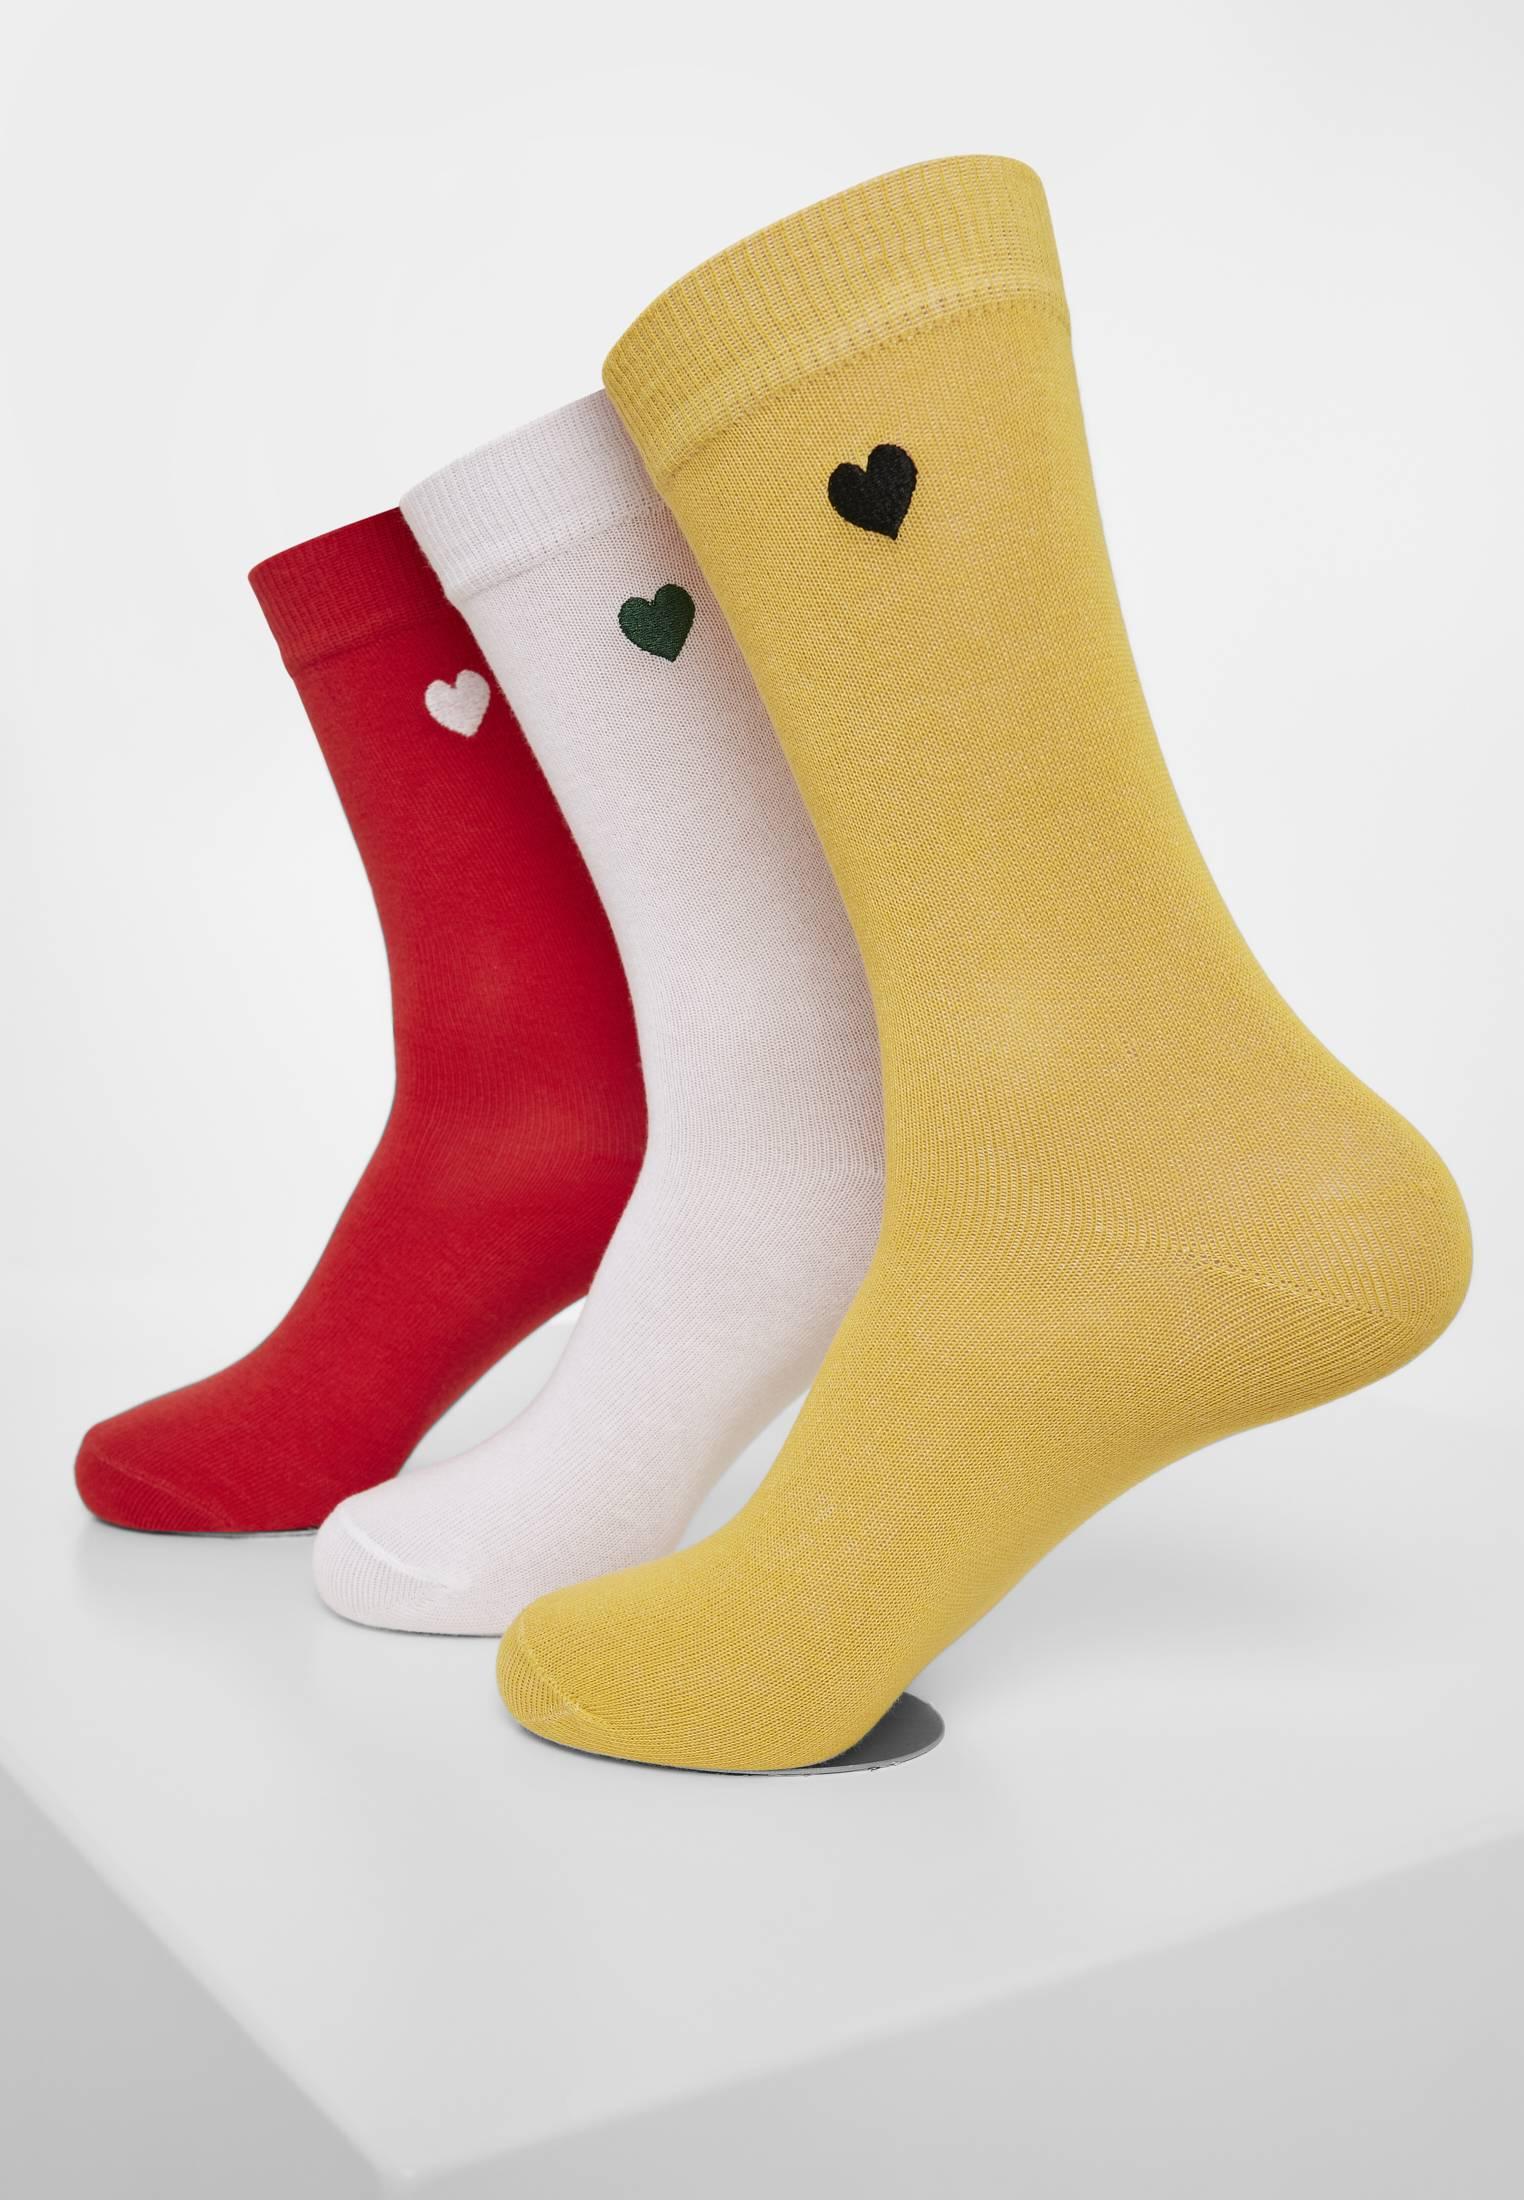 Urban Classics Heart Socks 3-Pack yellow/red/white - 39-42